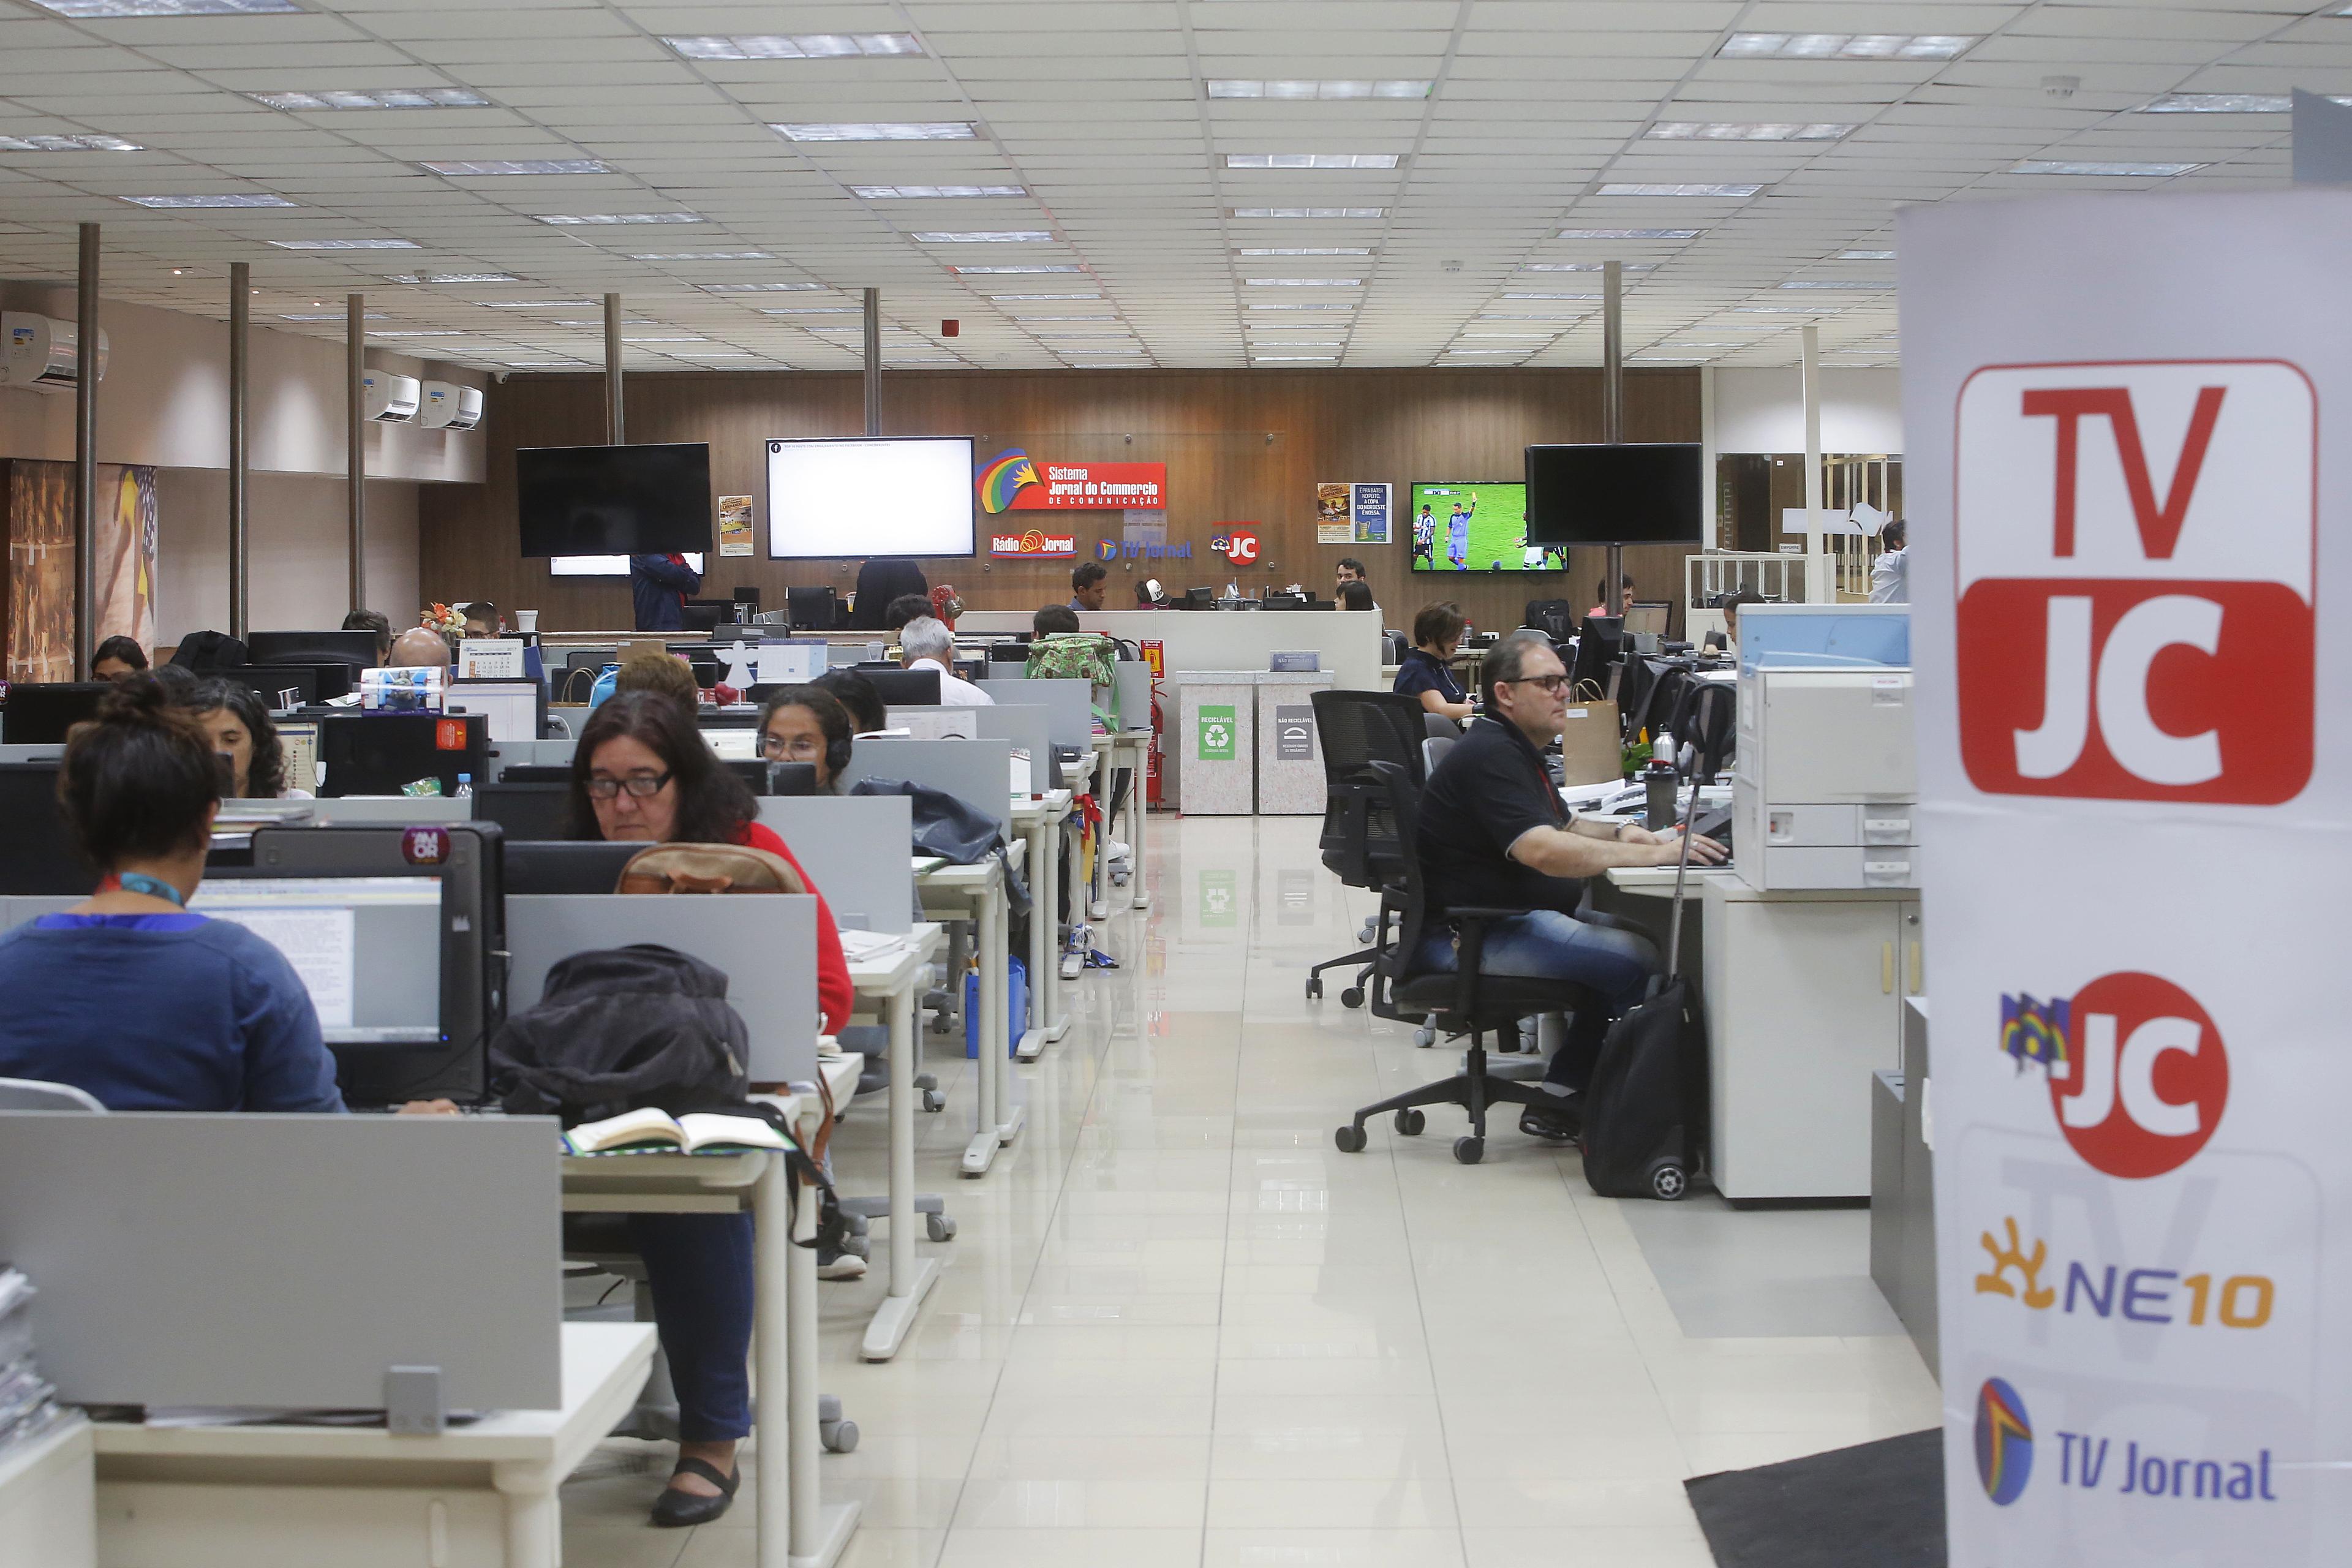 Sala de redacción de Jornal do Commercio en Brasil. (Foto: Leo Motta/Jornal do Commercio).